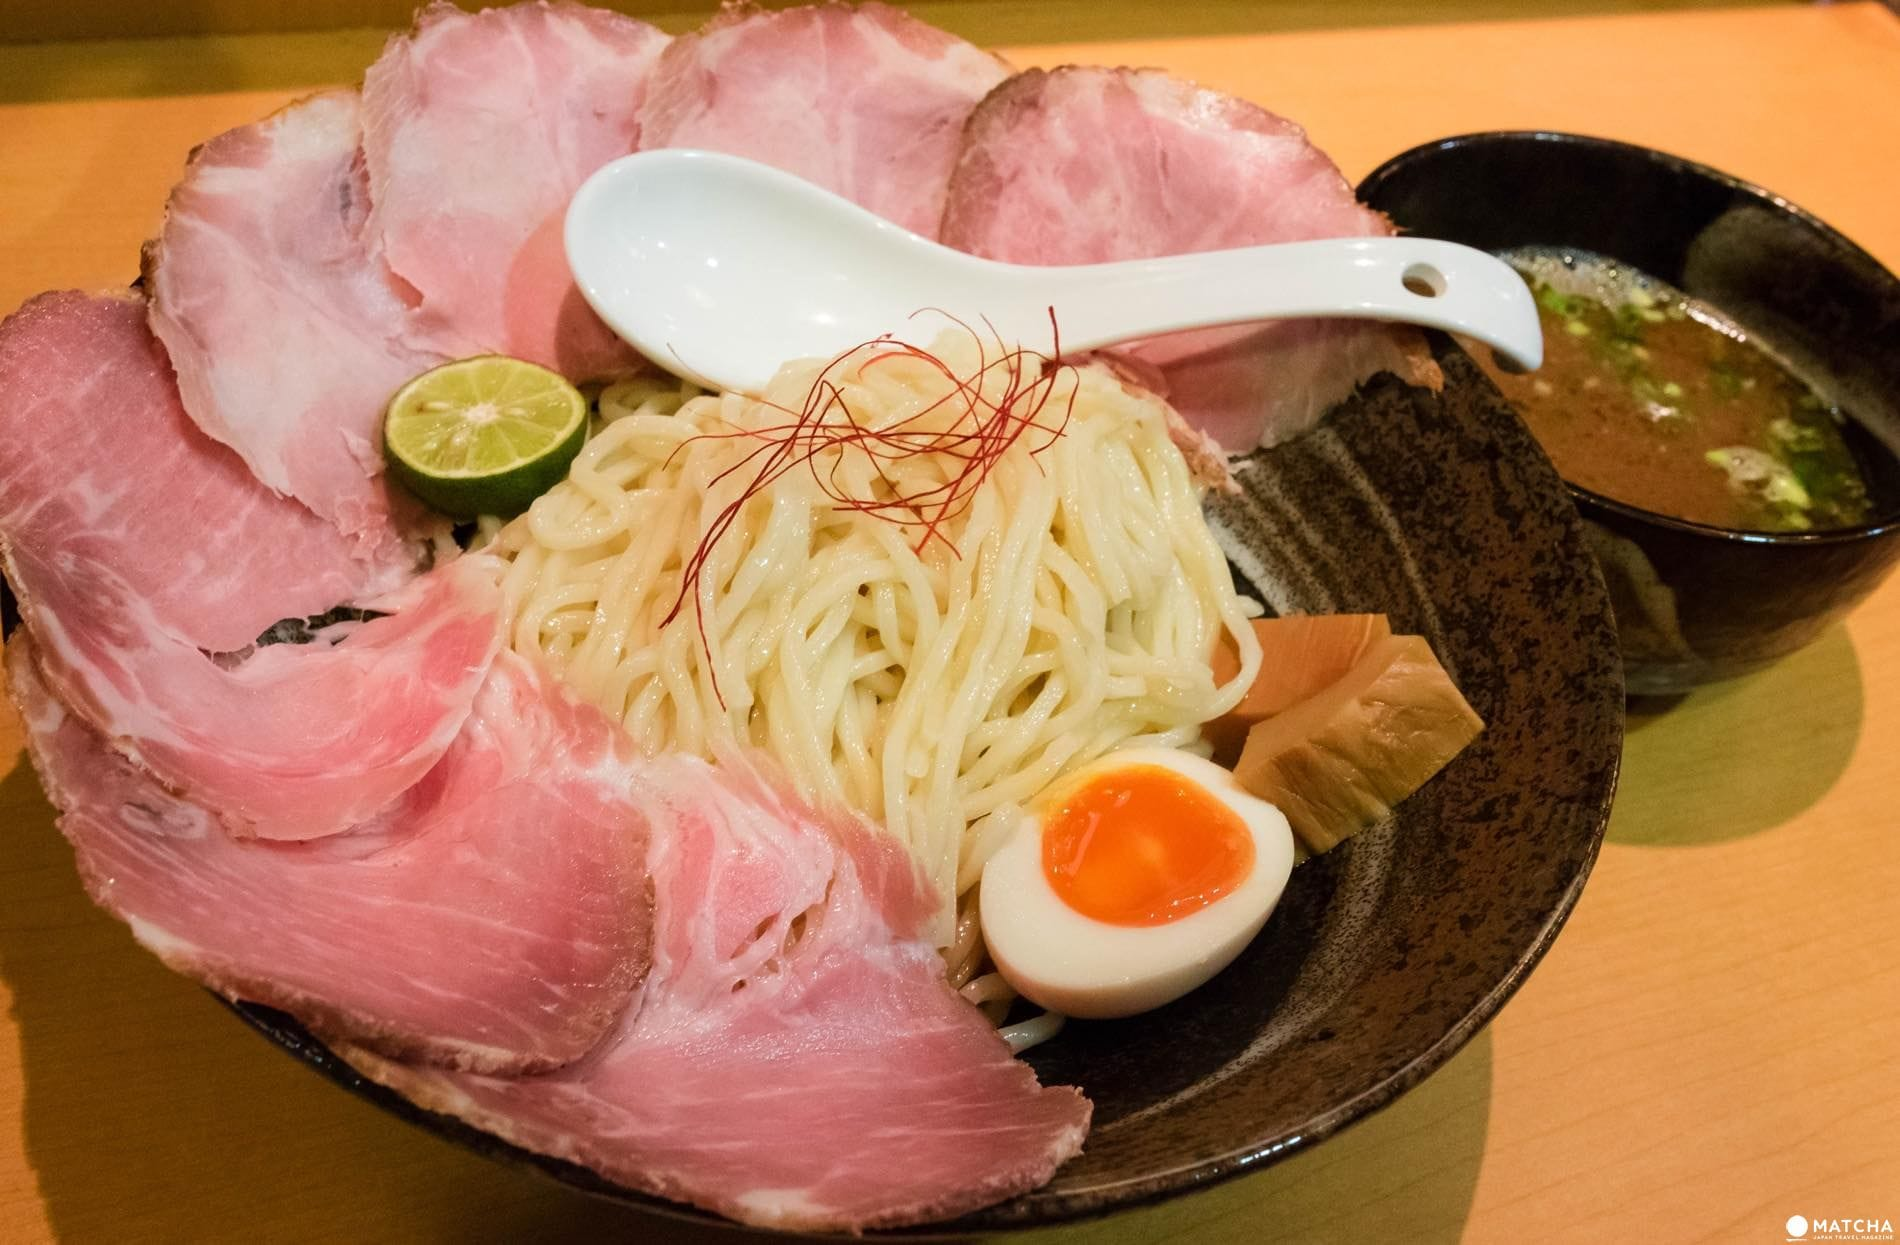 らーめん 鶴武者のちゃーしゅーつけ麺